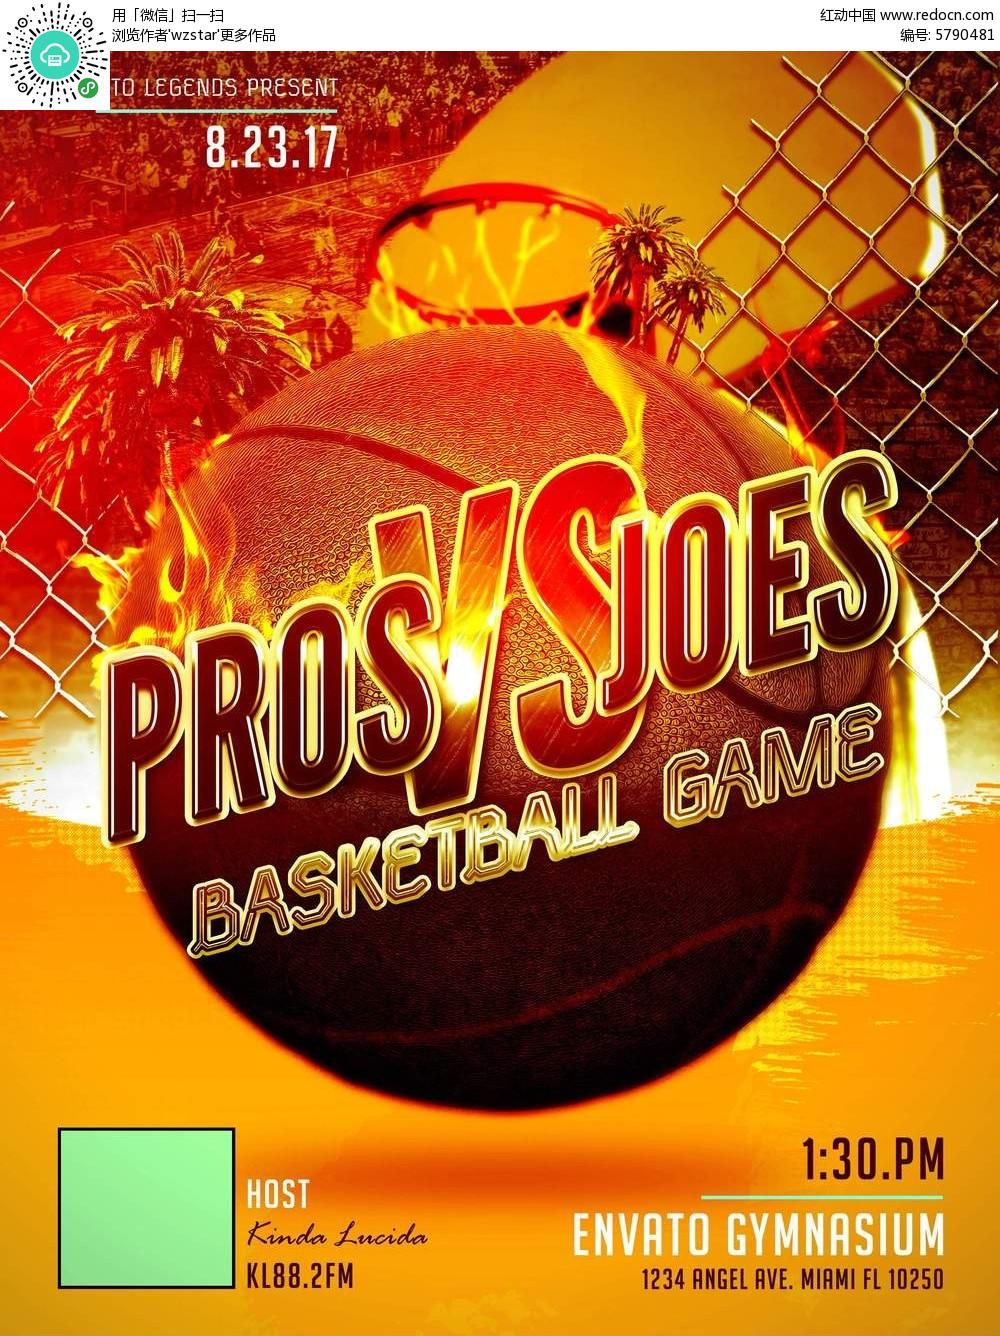 黄色系炫酷创意篮球赛海报设计图片